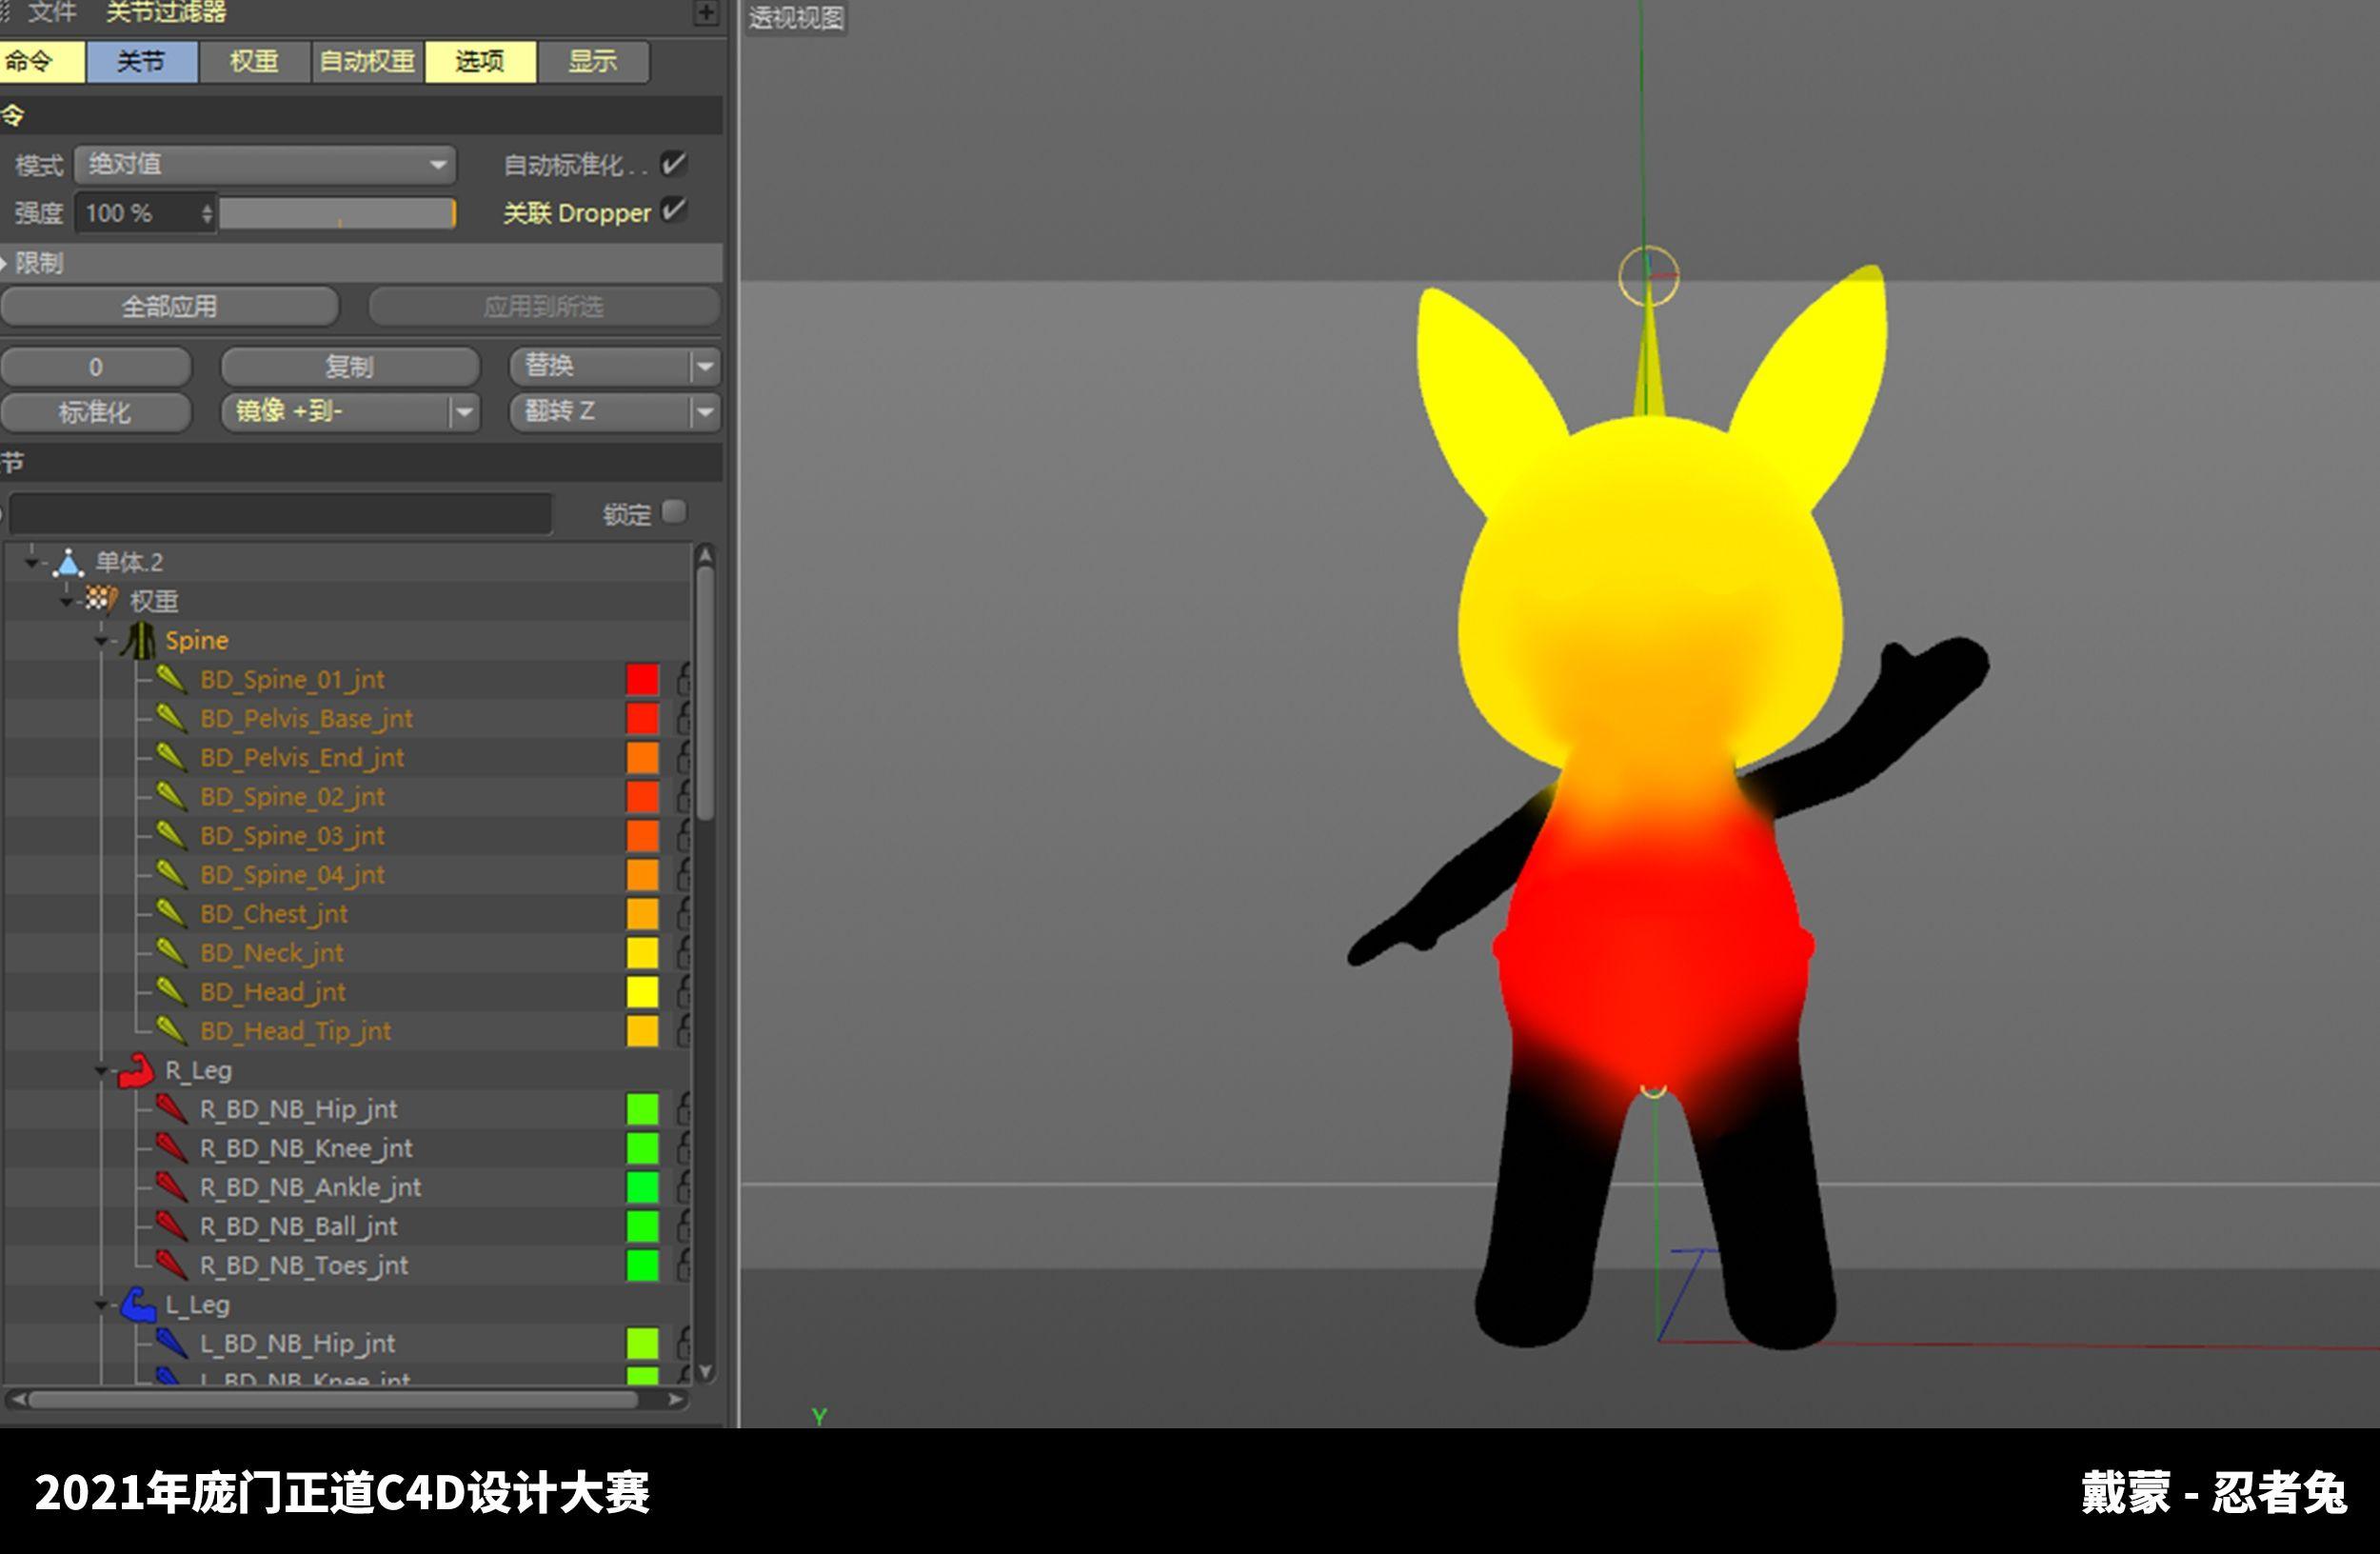 庞门正道C4D比赛卡通形象设计 飞特网 原创IP卡通形象设计